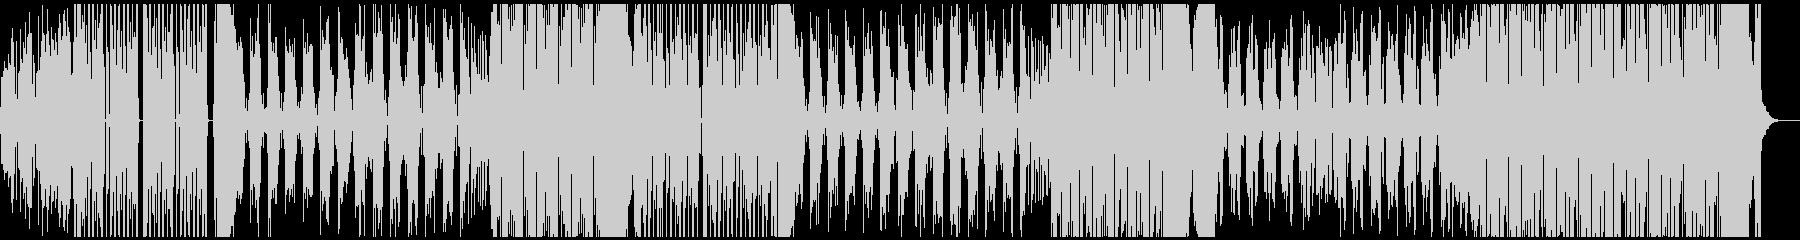 【洋楽風】ハイテンポ、ファンキー、ハウスの未再生の波形